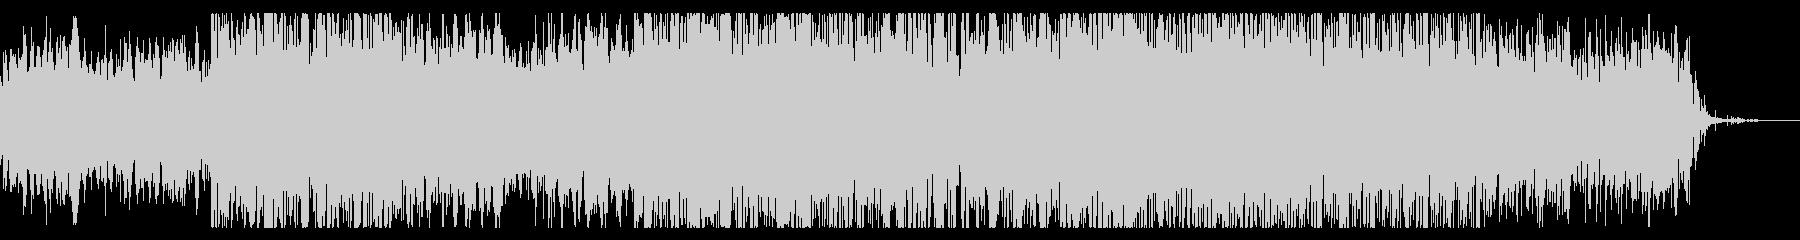 ダークで幻想的なシネマアンビエントの未再生の波形